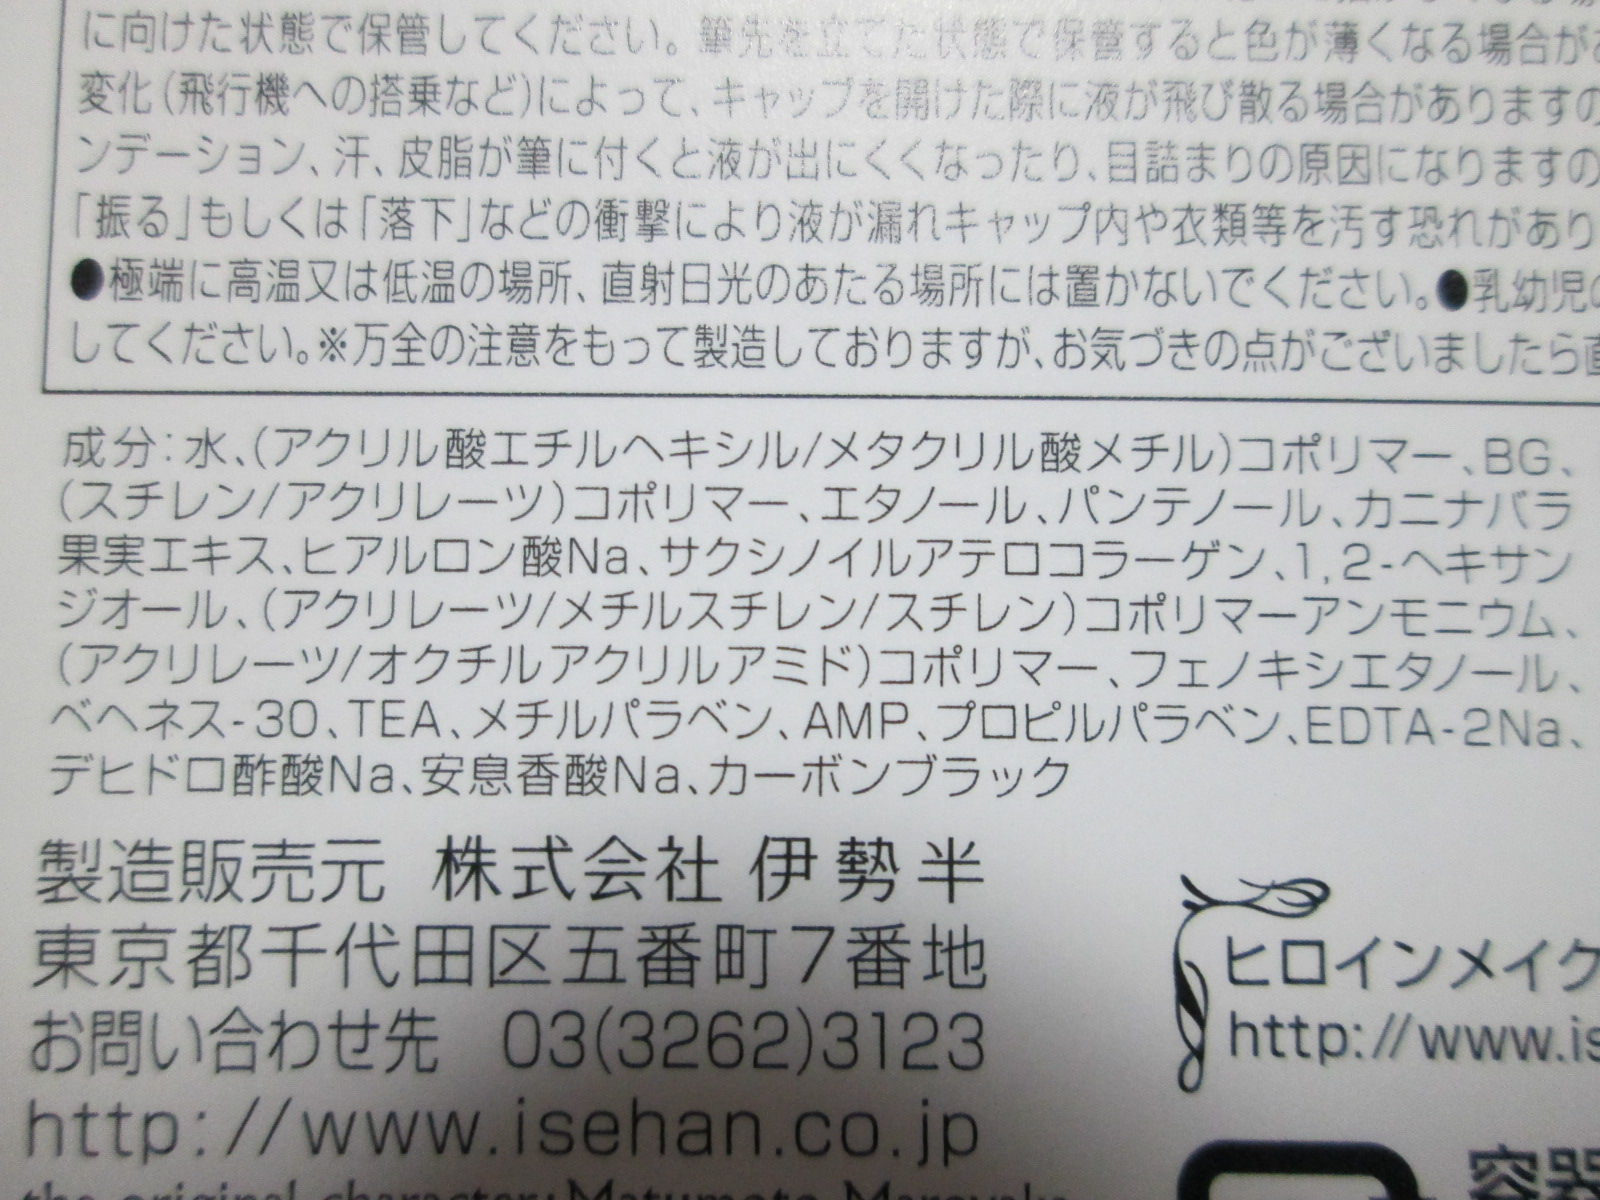 IMG_5148 ヒロインメイク アイライナー (3)